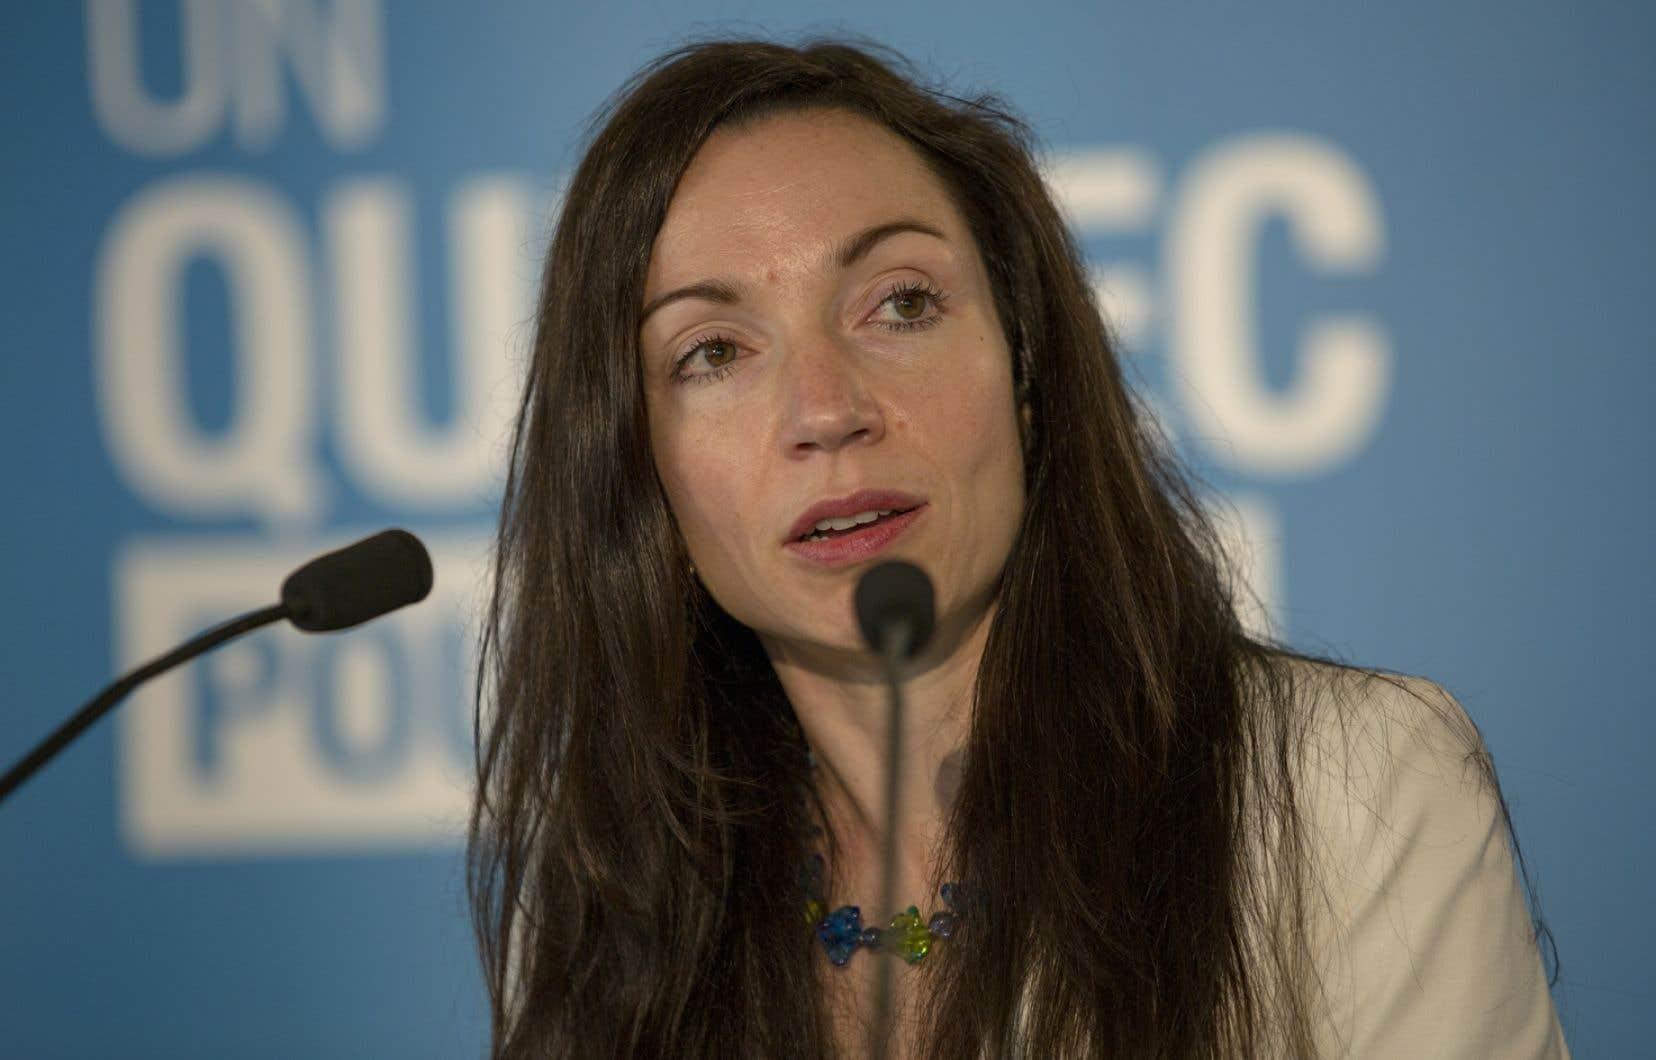 La ministre des Ressources naturelles, Martine Ouellet, avait annoncé l'an dernier que ce serait aux Québécois de payer la facture pour restaurer les sites miniers abandonnés.